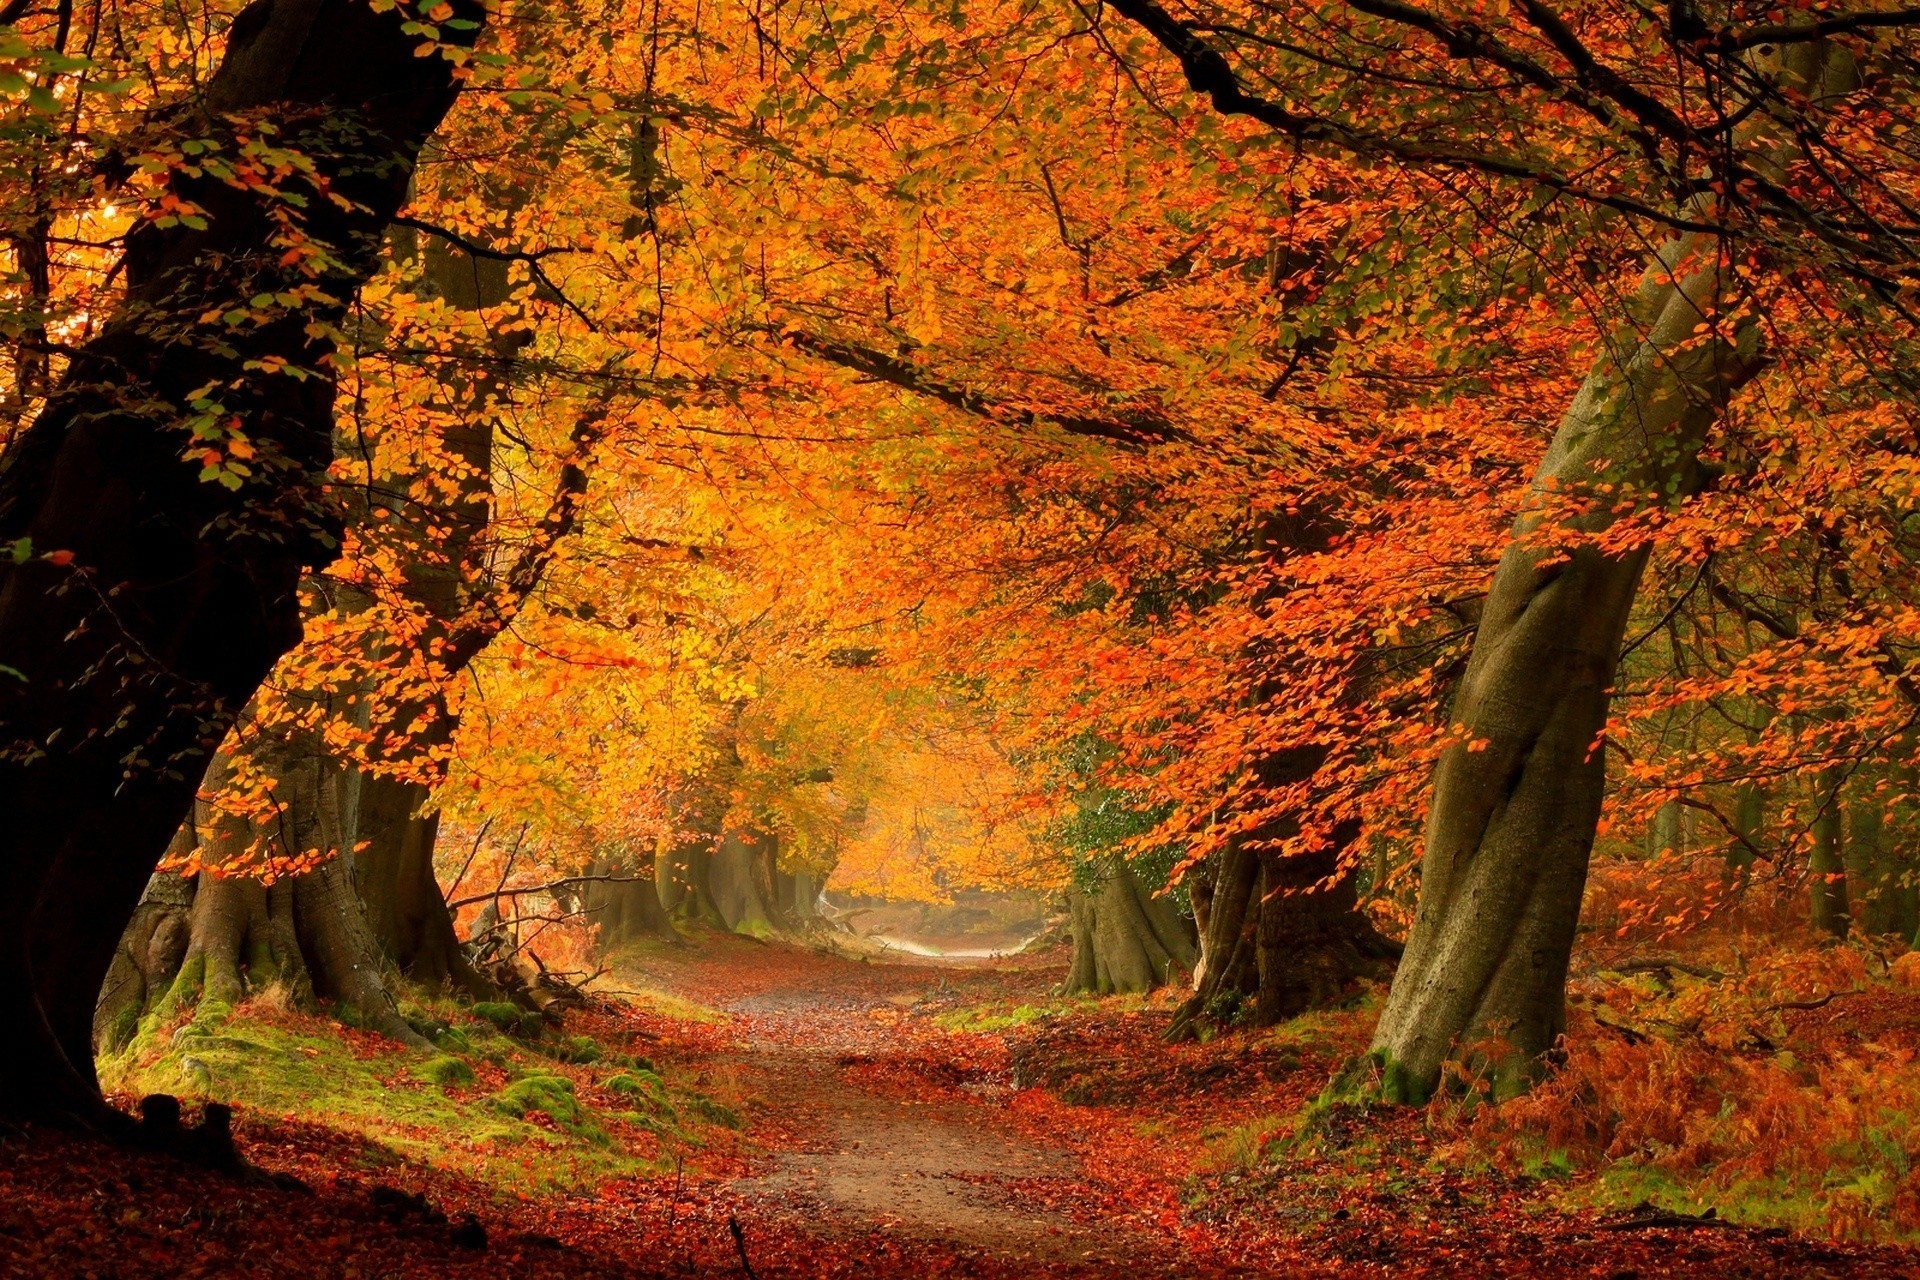 деревья парк осень роща  № 3186078 загрузить